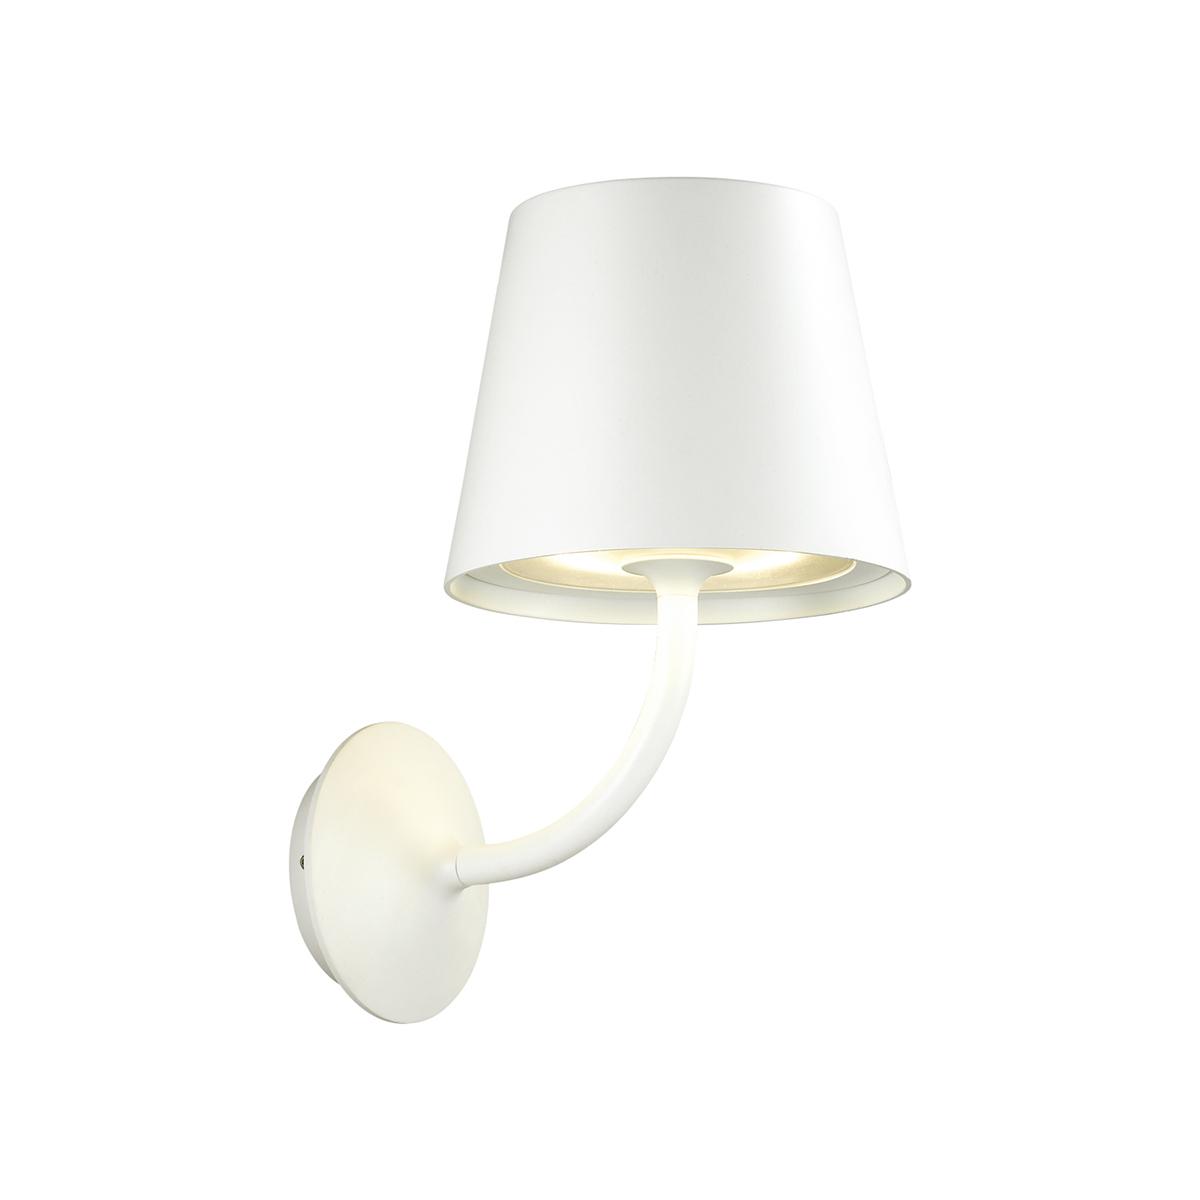 Настенный светодиодный светильник Odeon Light Elin 4609/7WL, IP65 3000K (теплый), белый, металл, стекло - фото 1